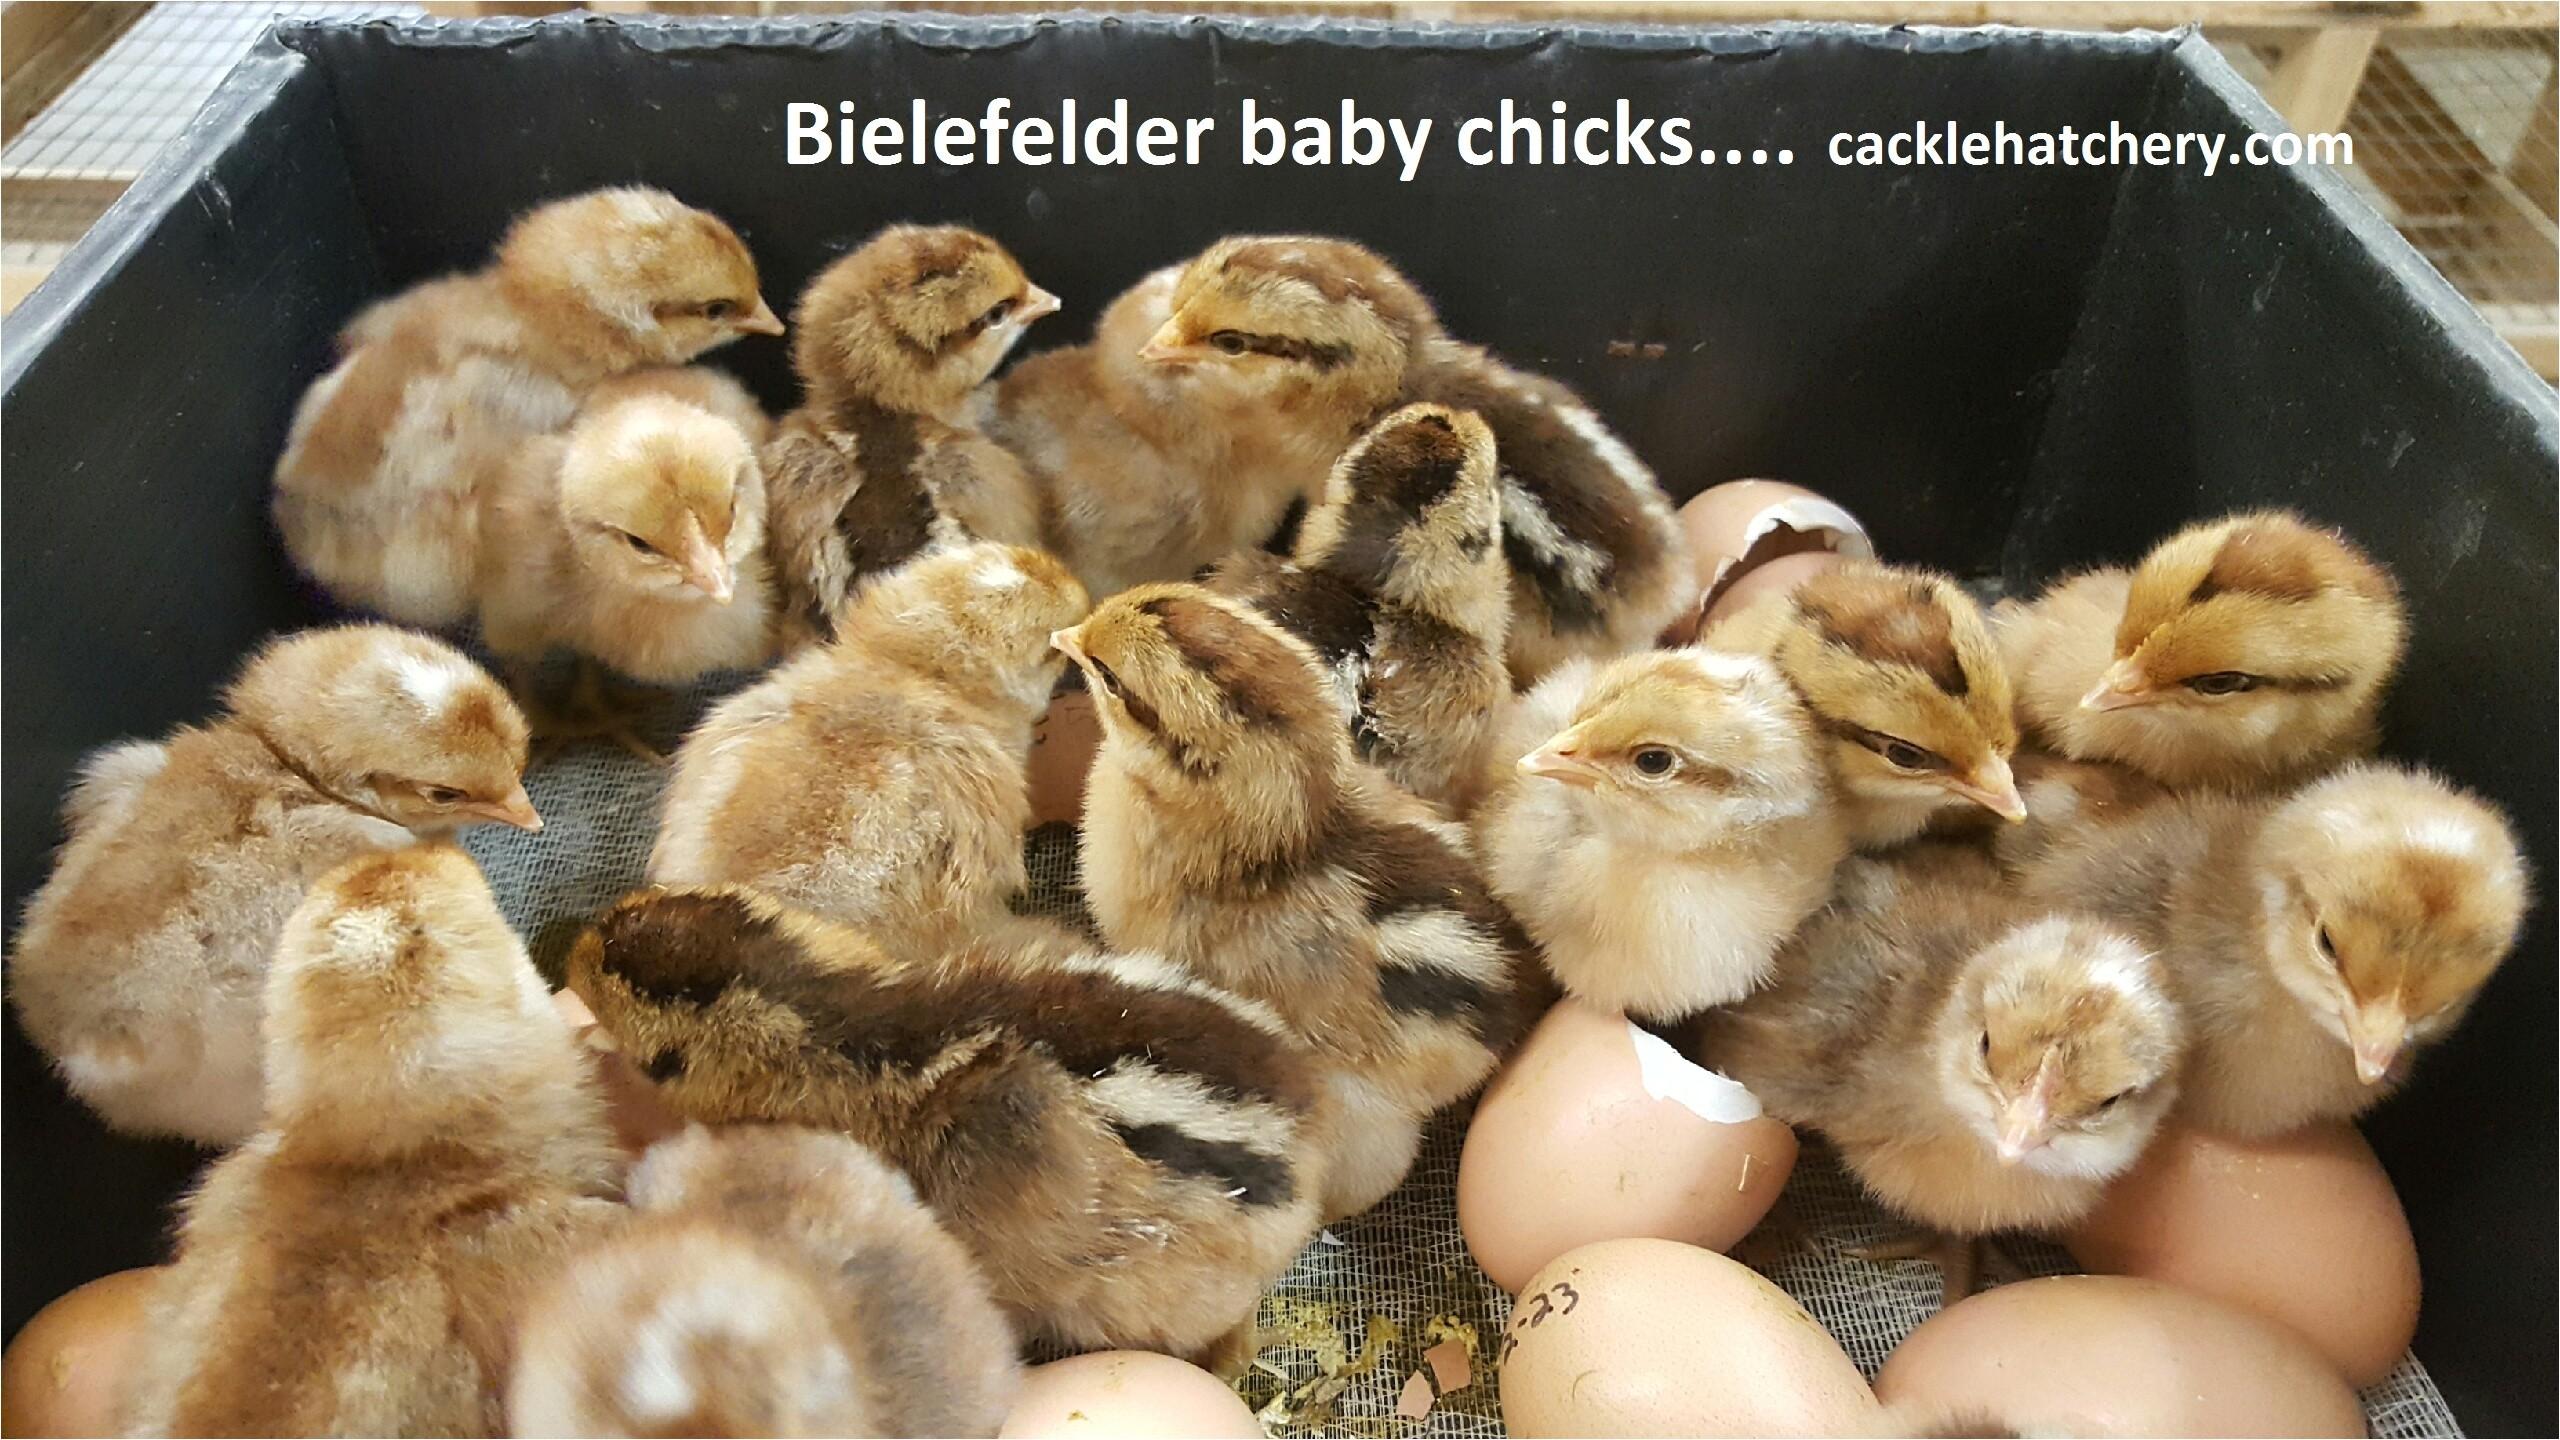 bielefelder chicken